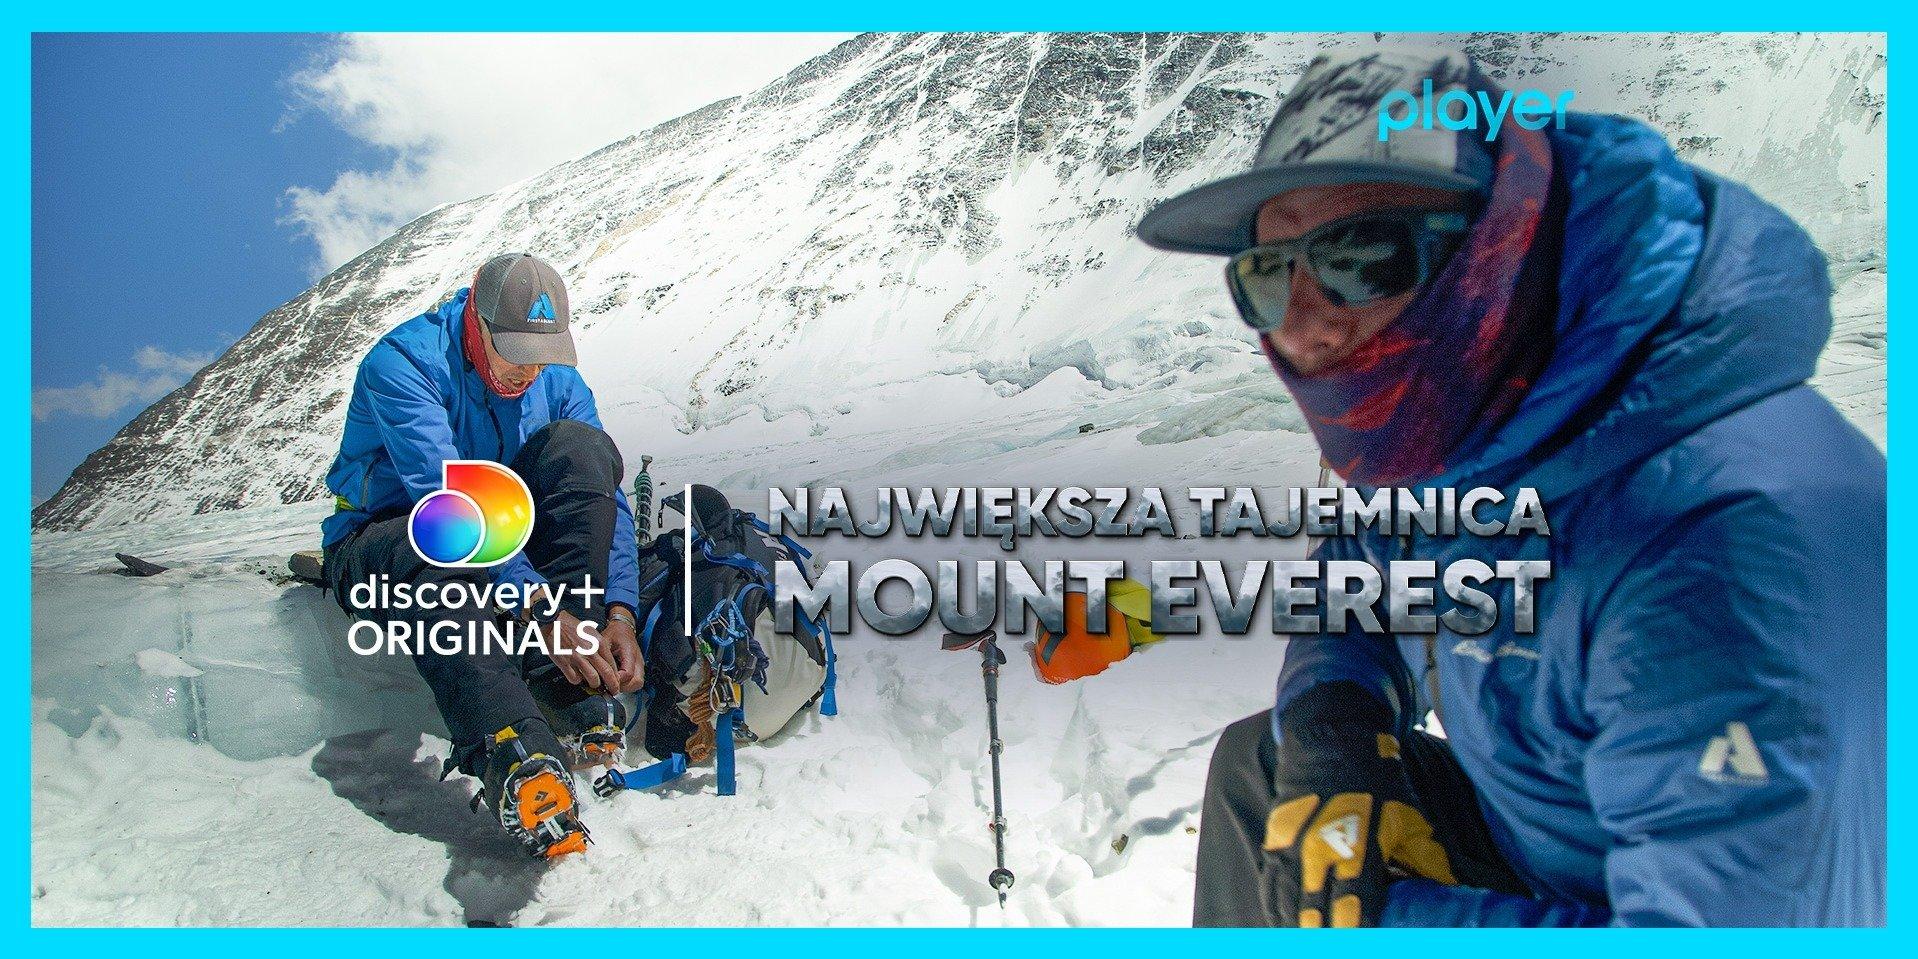 """Czy historia się myli? Nowy film dokumentalny discovery+ Originals """"Największa tajemnica Mount Everest"""" tylko na Playerze"""